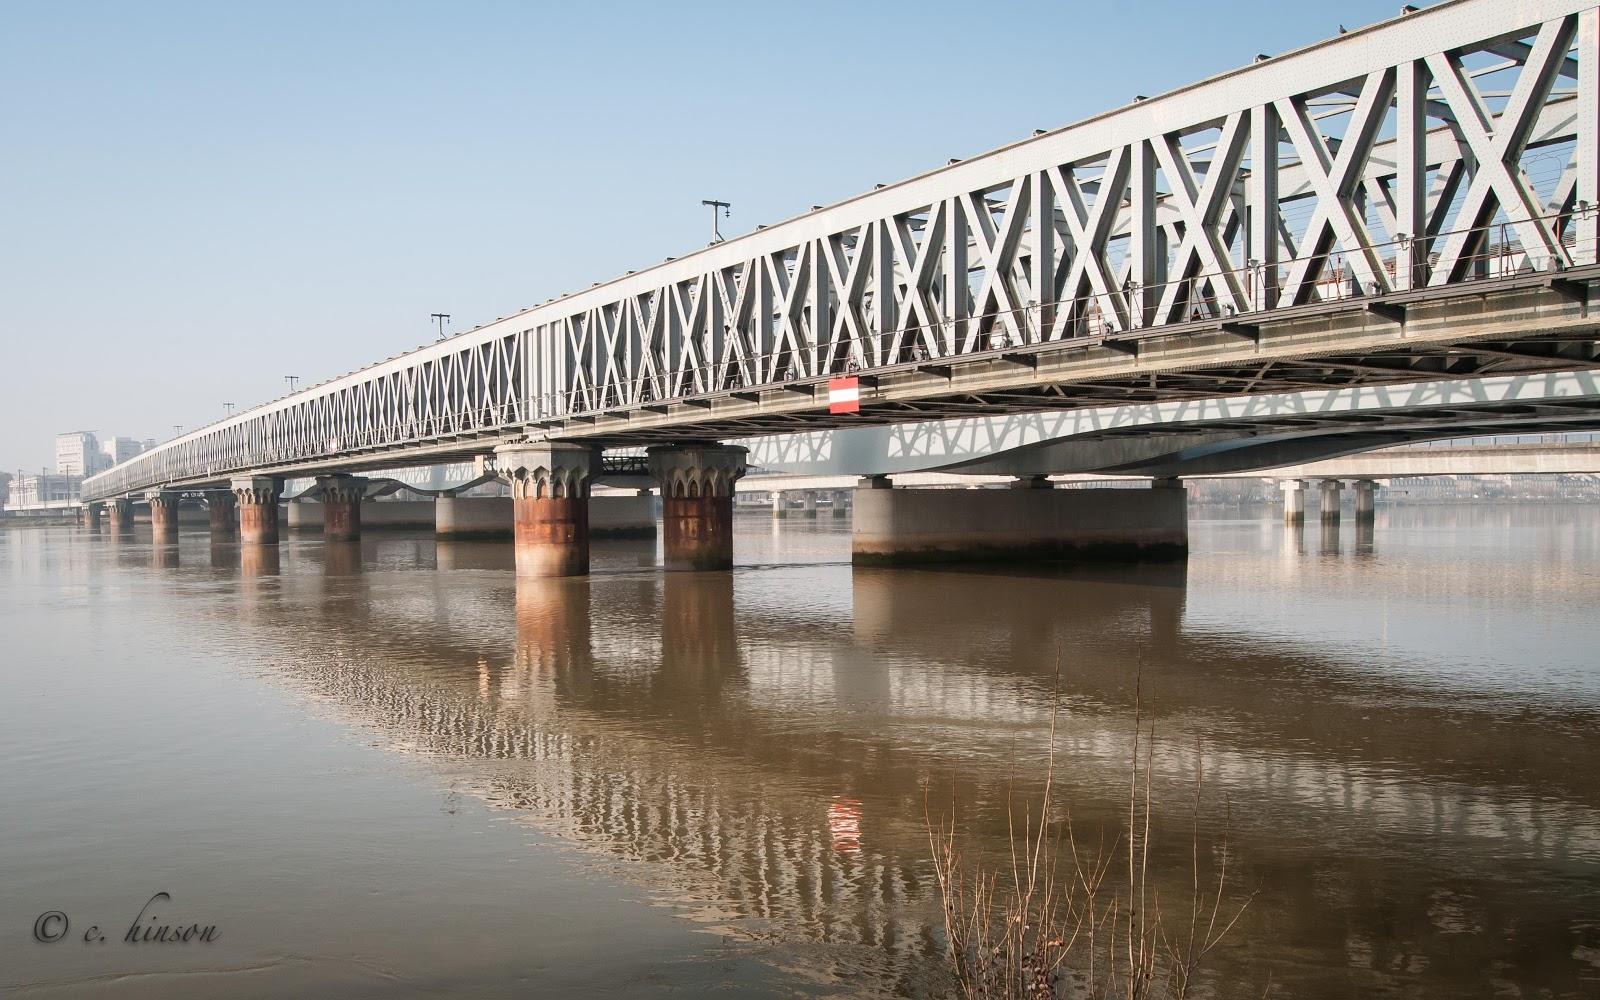 Archi trouve gustave eiffel in bordeaux - Pont ferroviaire de bordeaux ...